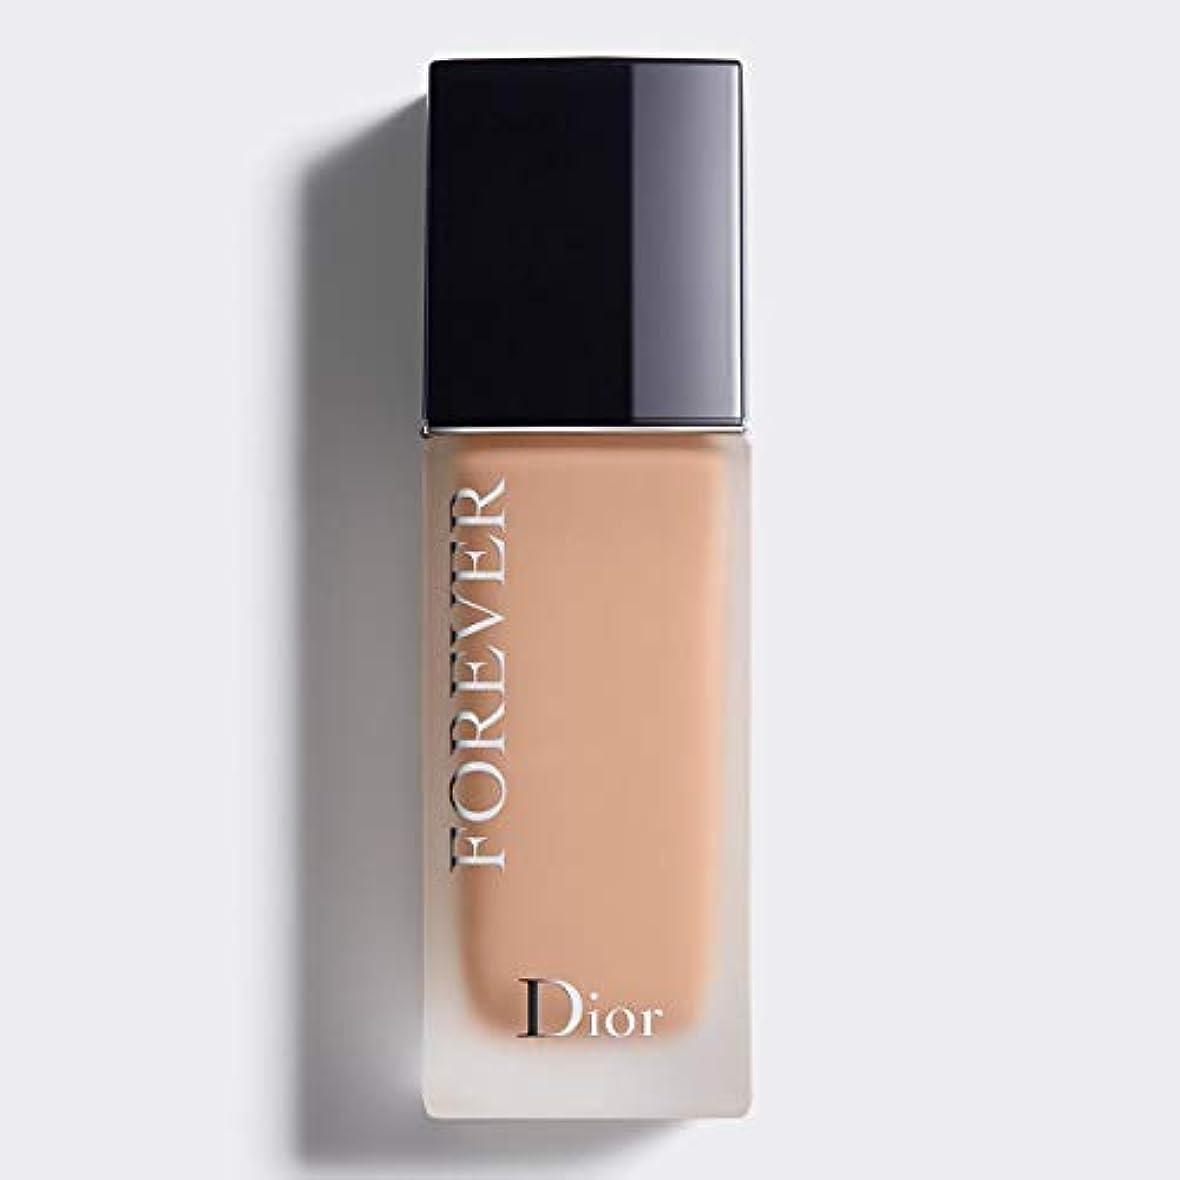 自慢マチュピチュ始まりクリスチャンディオール Dior Forever 24H Wear High Perfection Foundation SPF 35 - # 3CR (Cool Rosy) 30ml/1oz並行輸入品